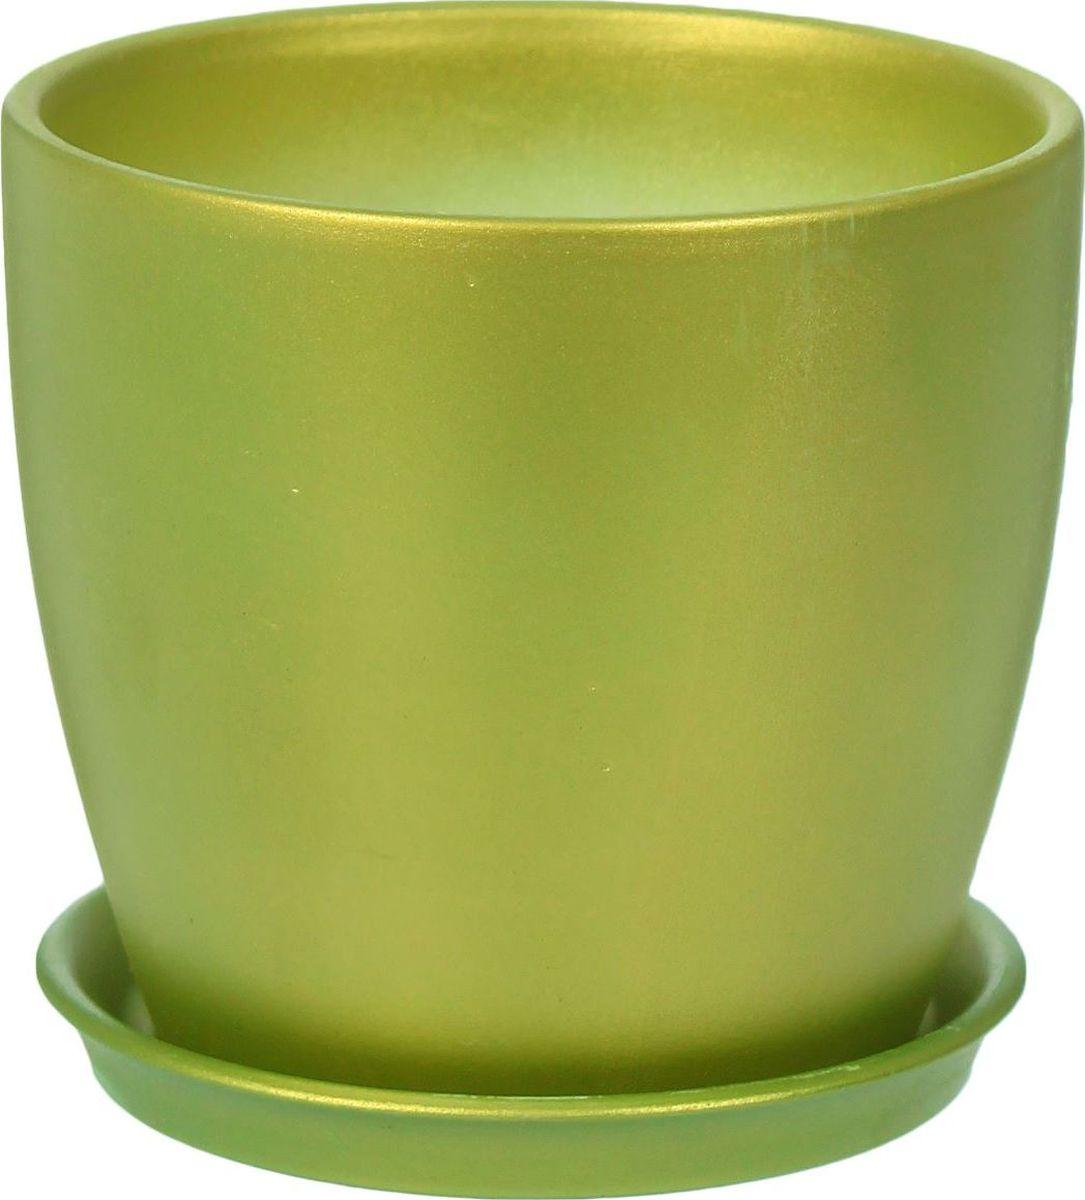 Кашпо Керамика ручной работы Осень, цвет: светло-зеленый, 1 л1312977Комнатные растения - всеобщие любимцы. Они радуют глаз, насыщают помещение кислородом и украшают пространство. Каждому из них необходим свой удобный и красивый дом. Кашпо из керамики прекрасно подходят для высадки растений:пористый материал позволяет испаряться лишней влаге;воздух, необходимый для дыхания корней, проникает сквозь керамические стенки. Кашпо Осень позаботится о зеленом питомце, освежит интерьер и подчеркнет его стиль.